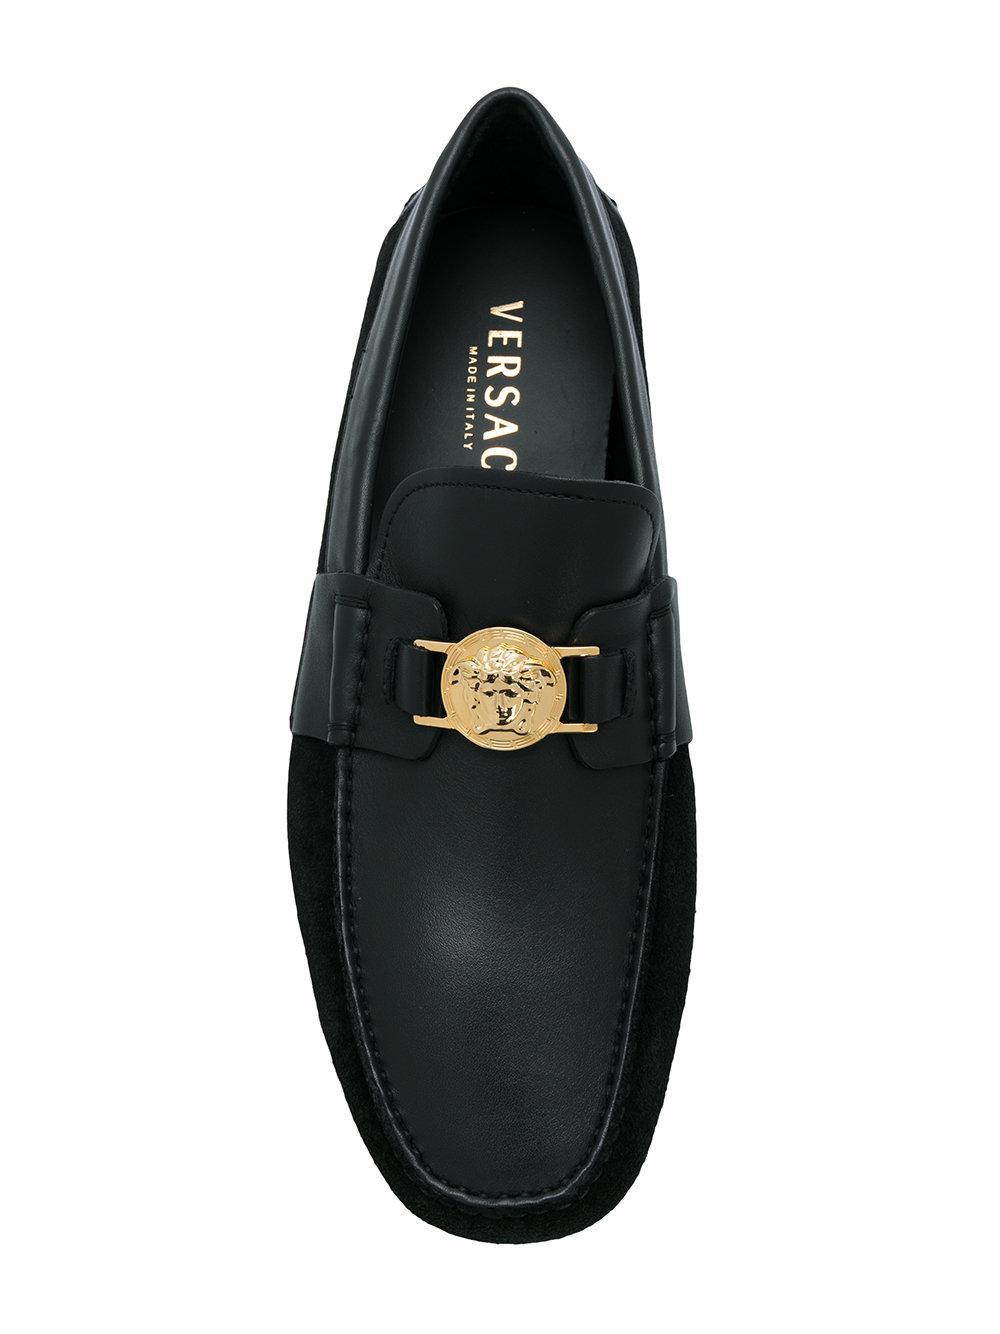 embellished Medusa loafers - Black Versace 0VlJxp